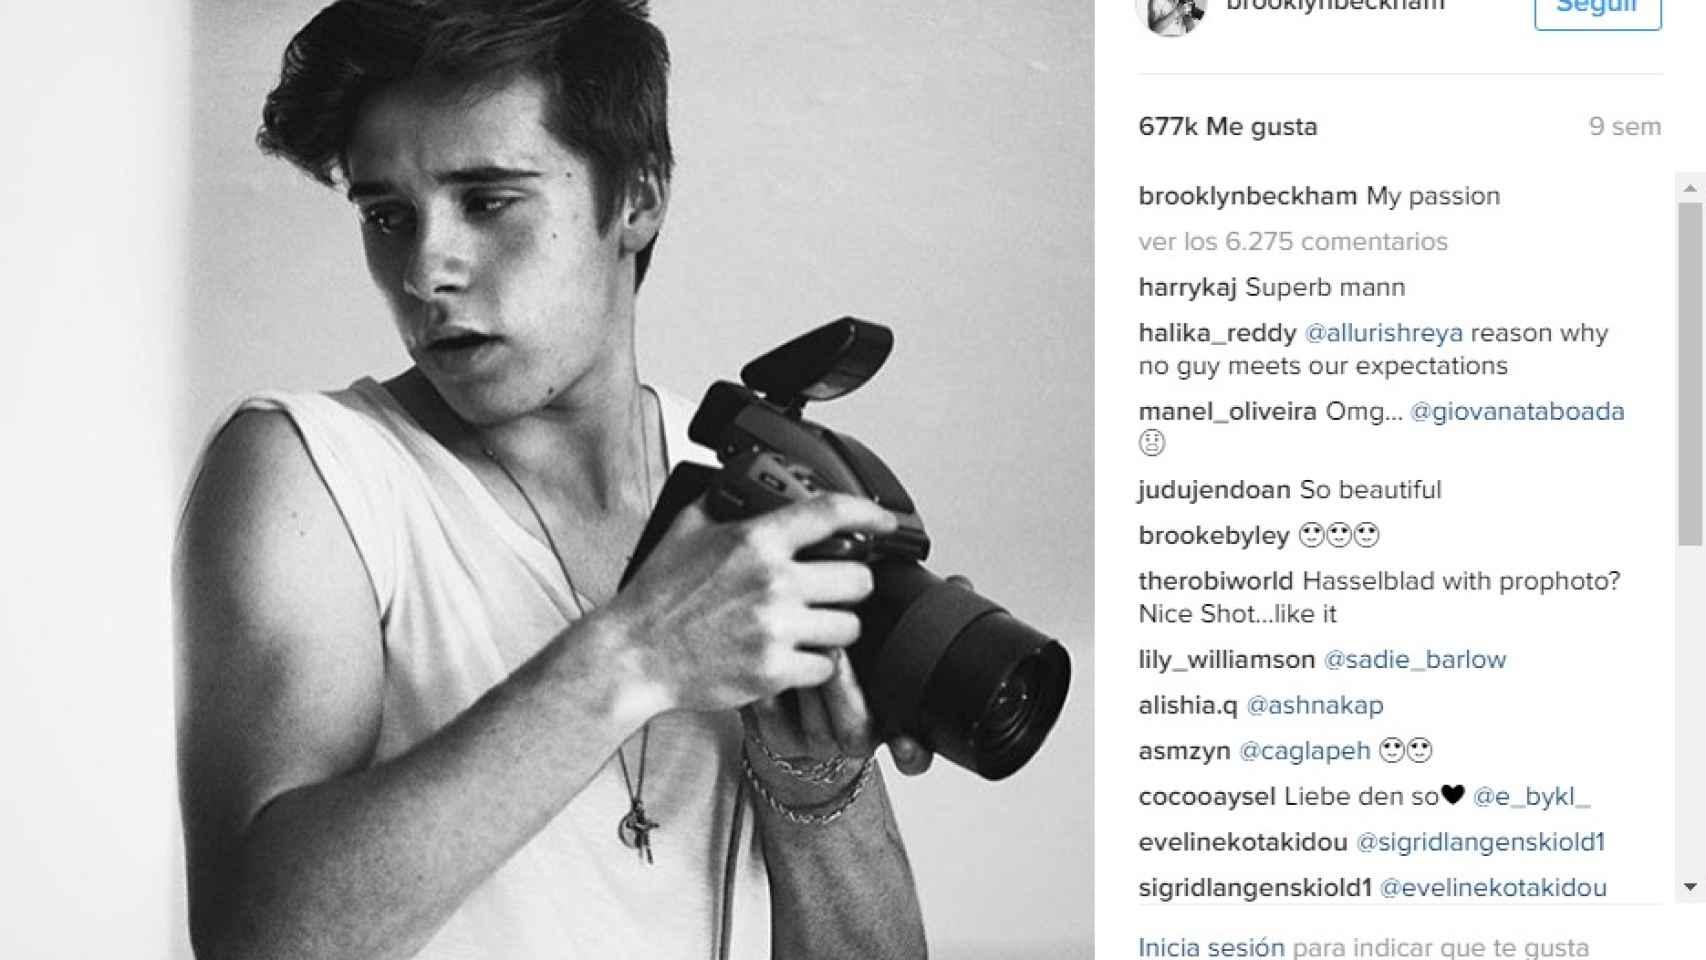 En su Instagram se pueden ver multitud de fotos en las que demuestra su pasión y posa con su cámara.